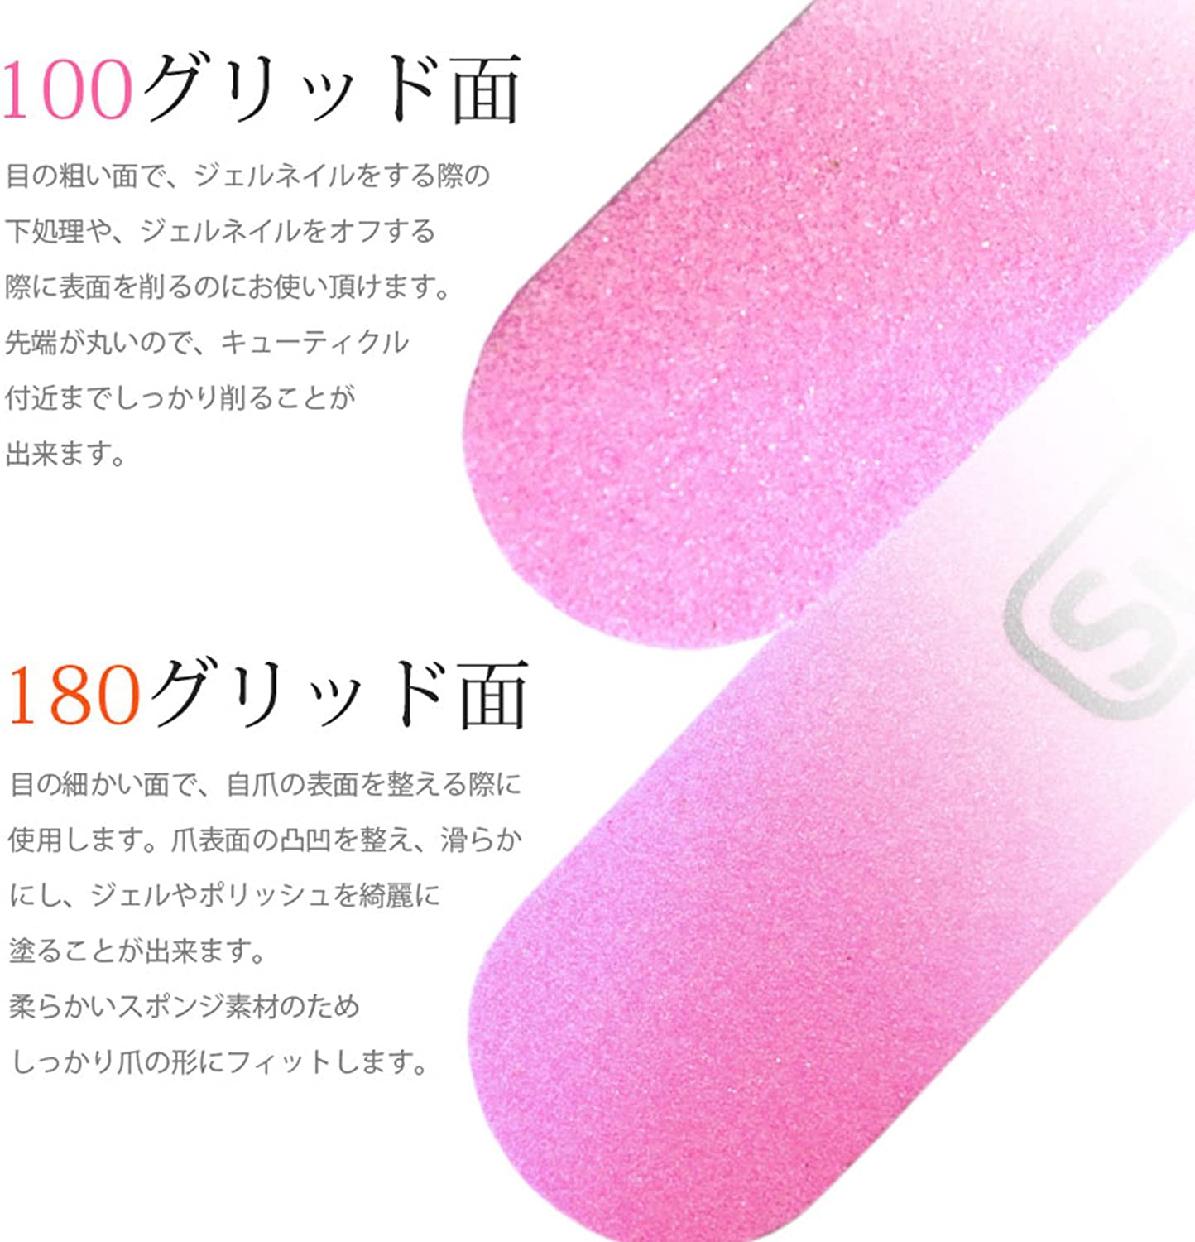 YOLO(ヨロ) スポンジネイルファイル 4本セットの商品画像2